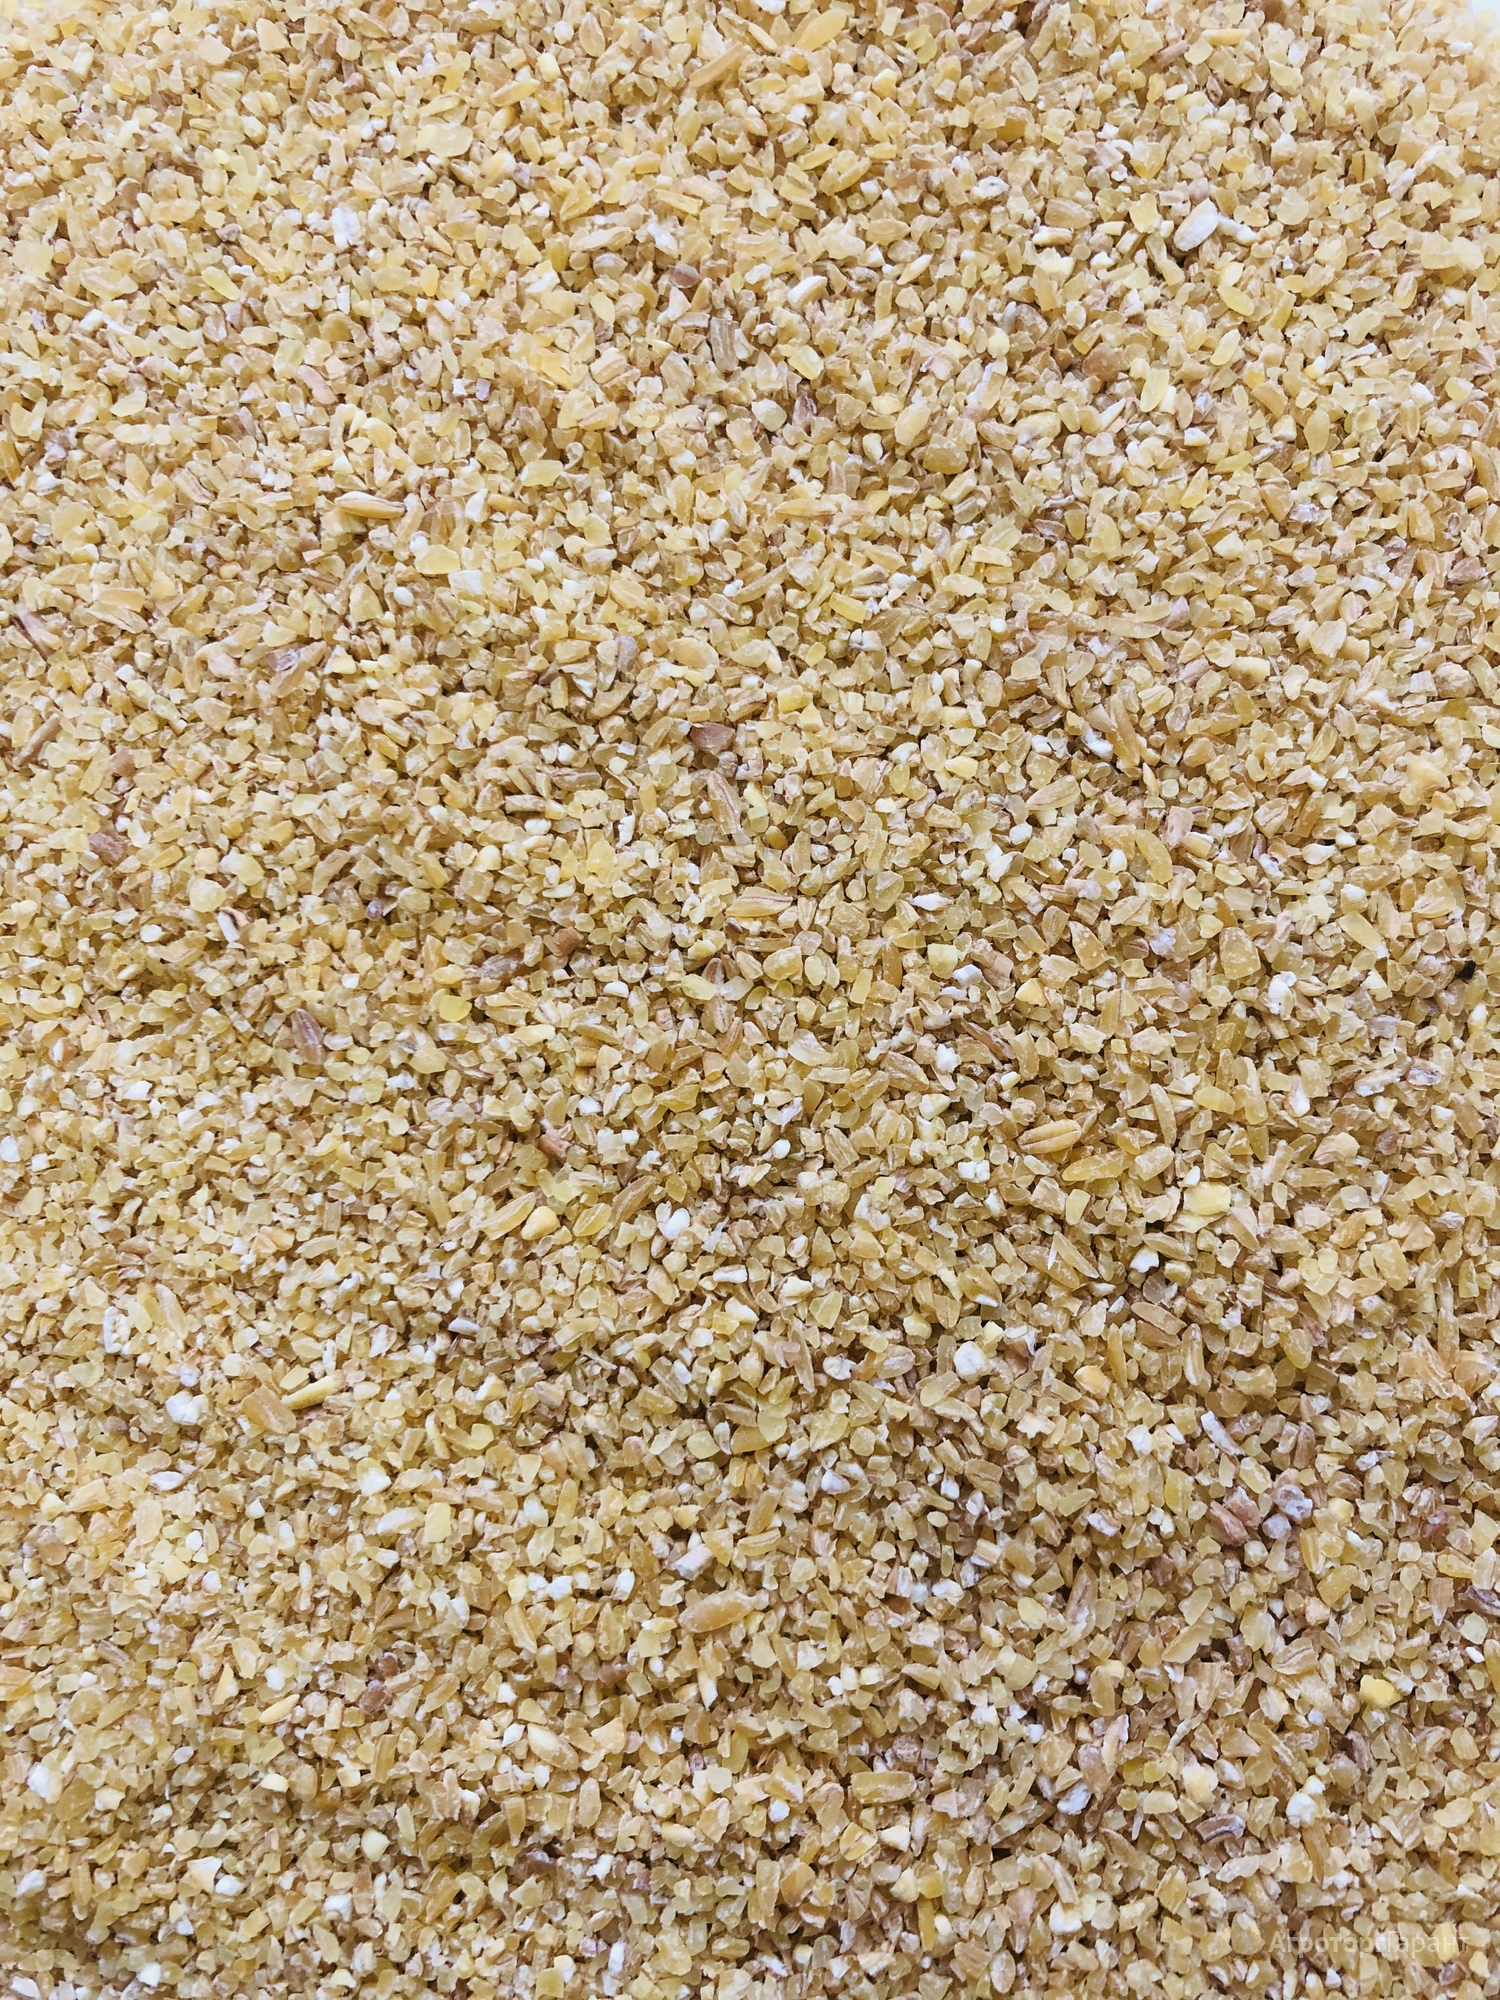 Объявление Продам крупу пшеничную Полтавскую № 3 в Омской области